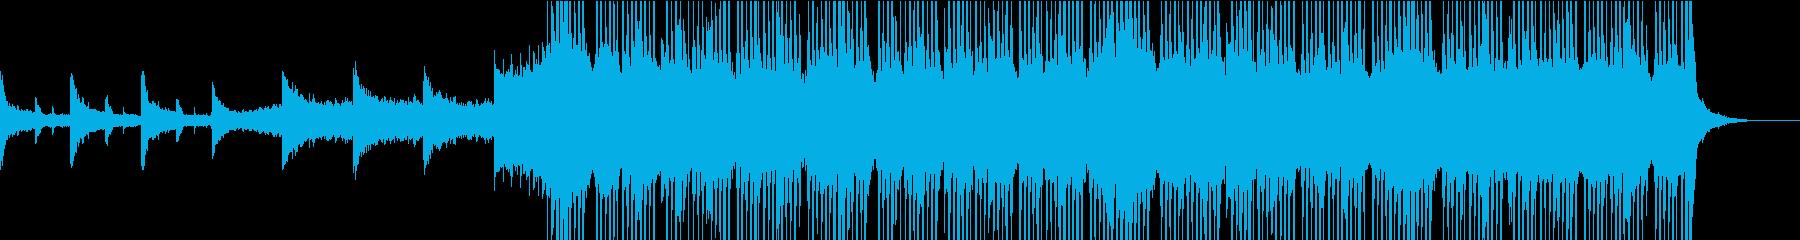 動画のエンディング等に使えるエモいEDMの再生済みの波形